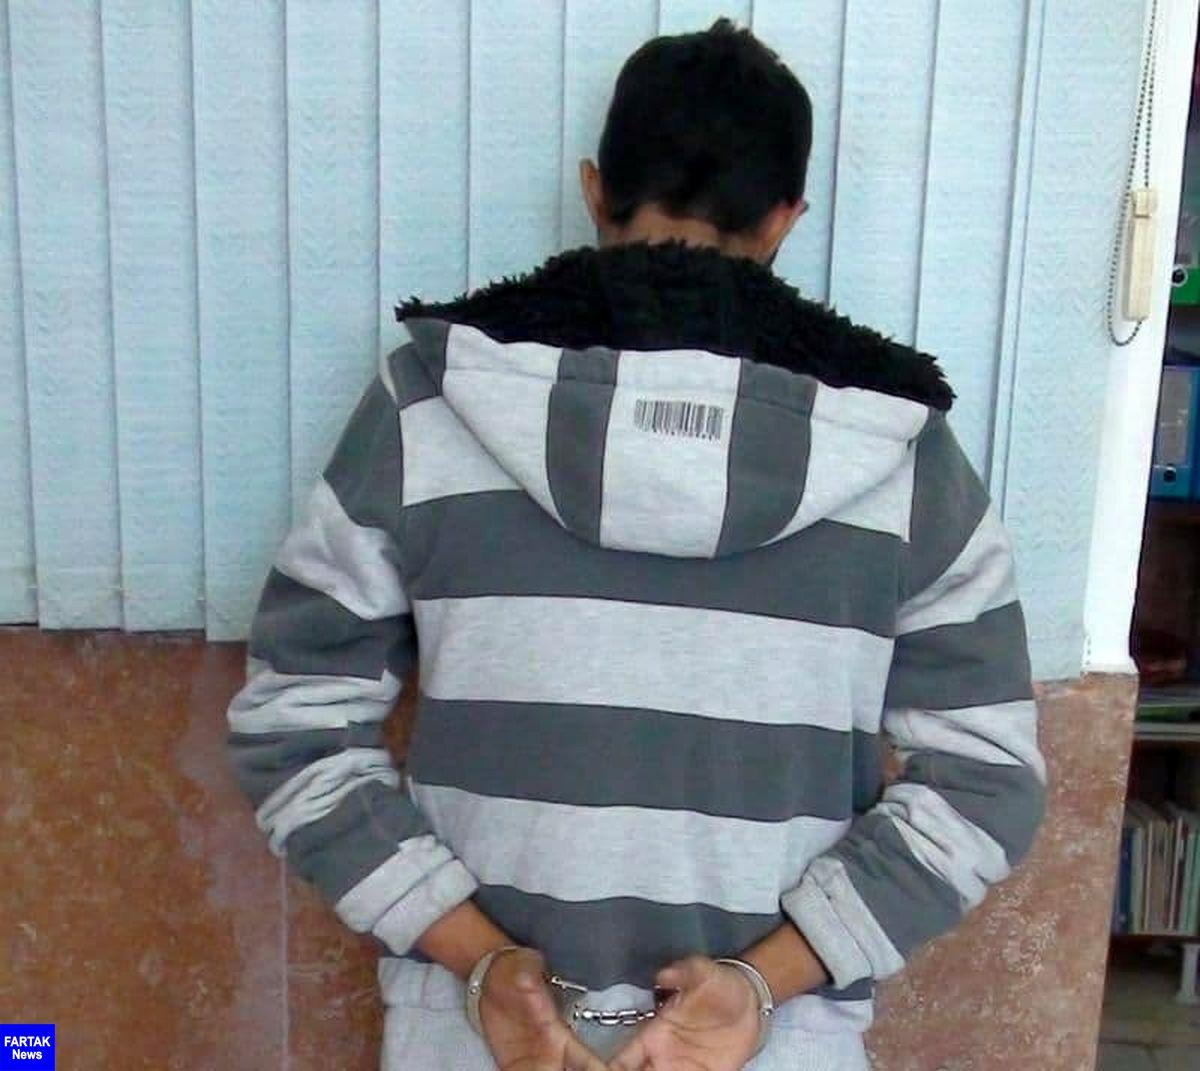  دستگیری جاعل حرفه ای در اسلام آبادغرب